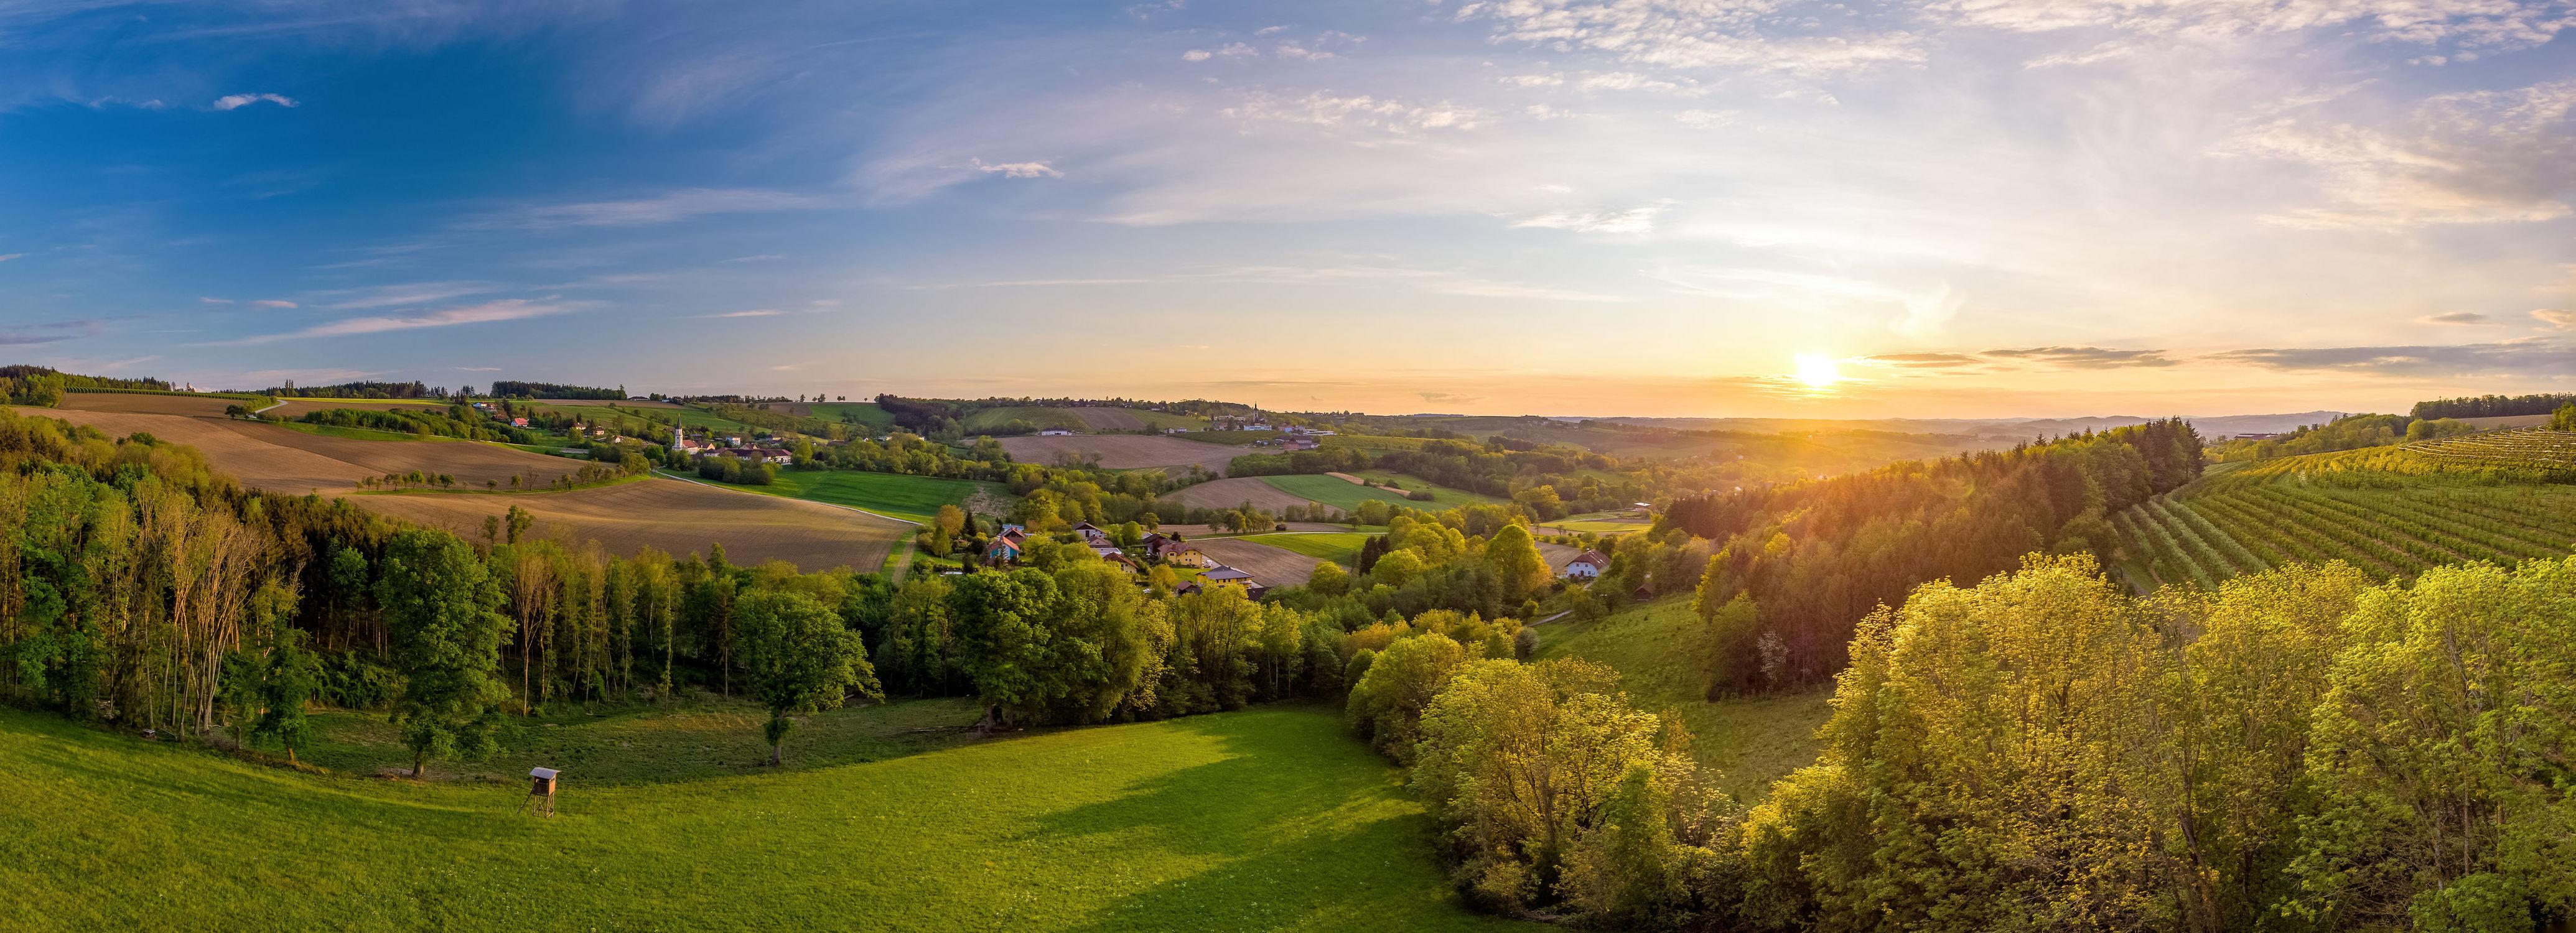 Bild mit Grün, Himmel, Bäume, Horizont, Sonnenuntergang, Österreich, Panorama, Landschaft, Felder, weite, Abendstimmung, Schatten, Oberösterreich, Scharten